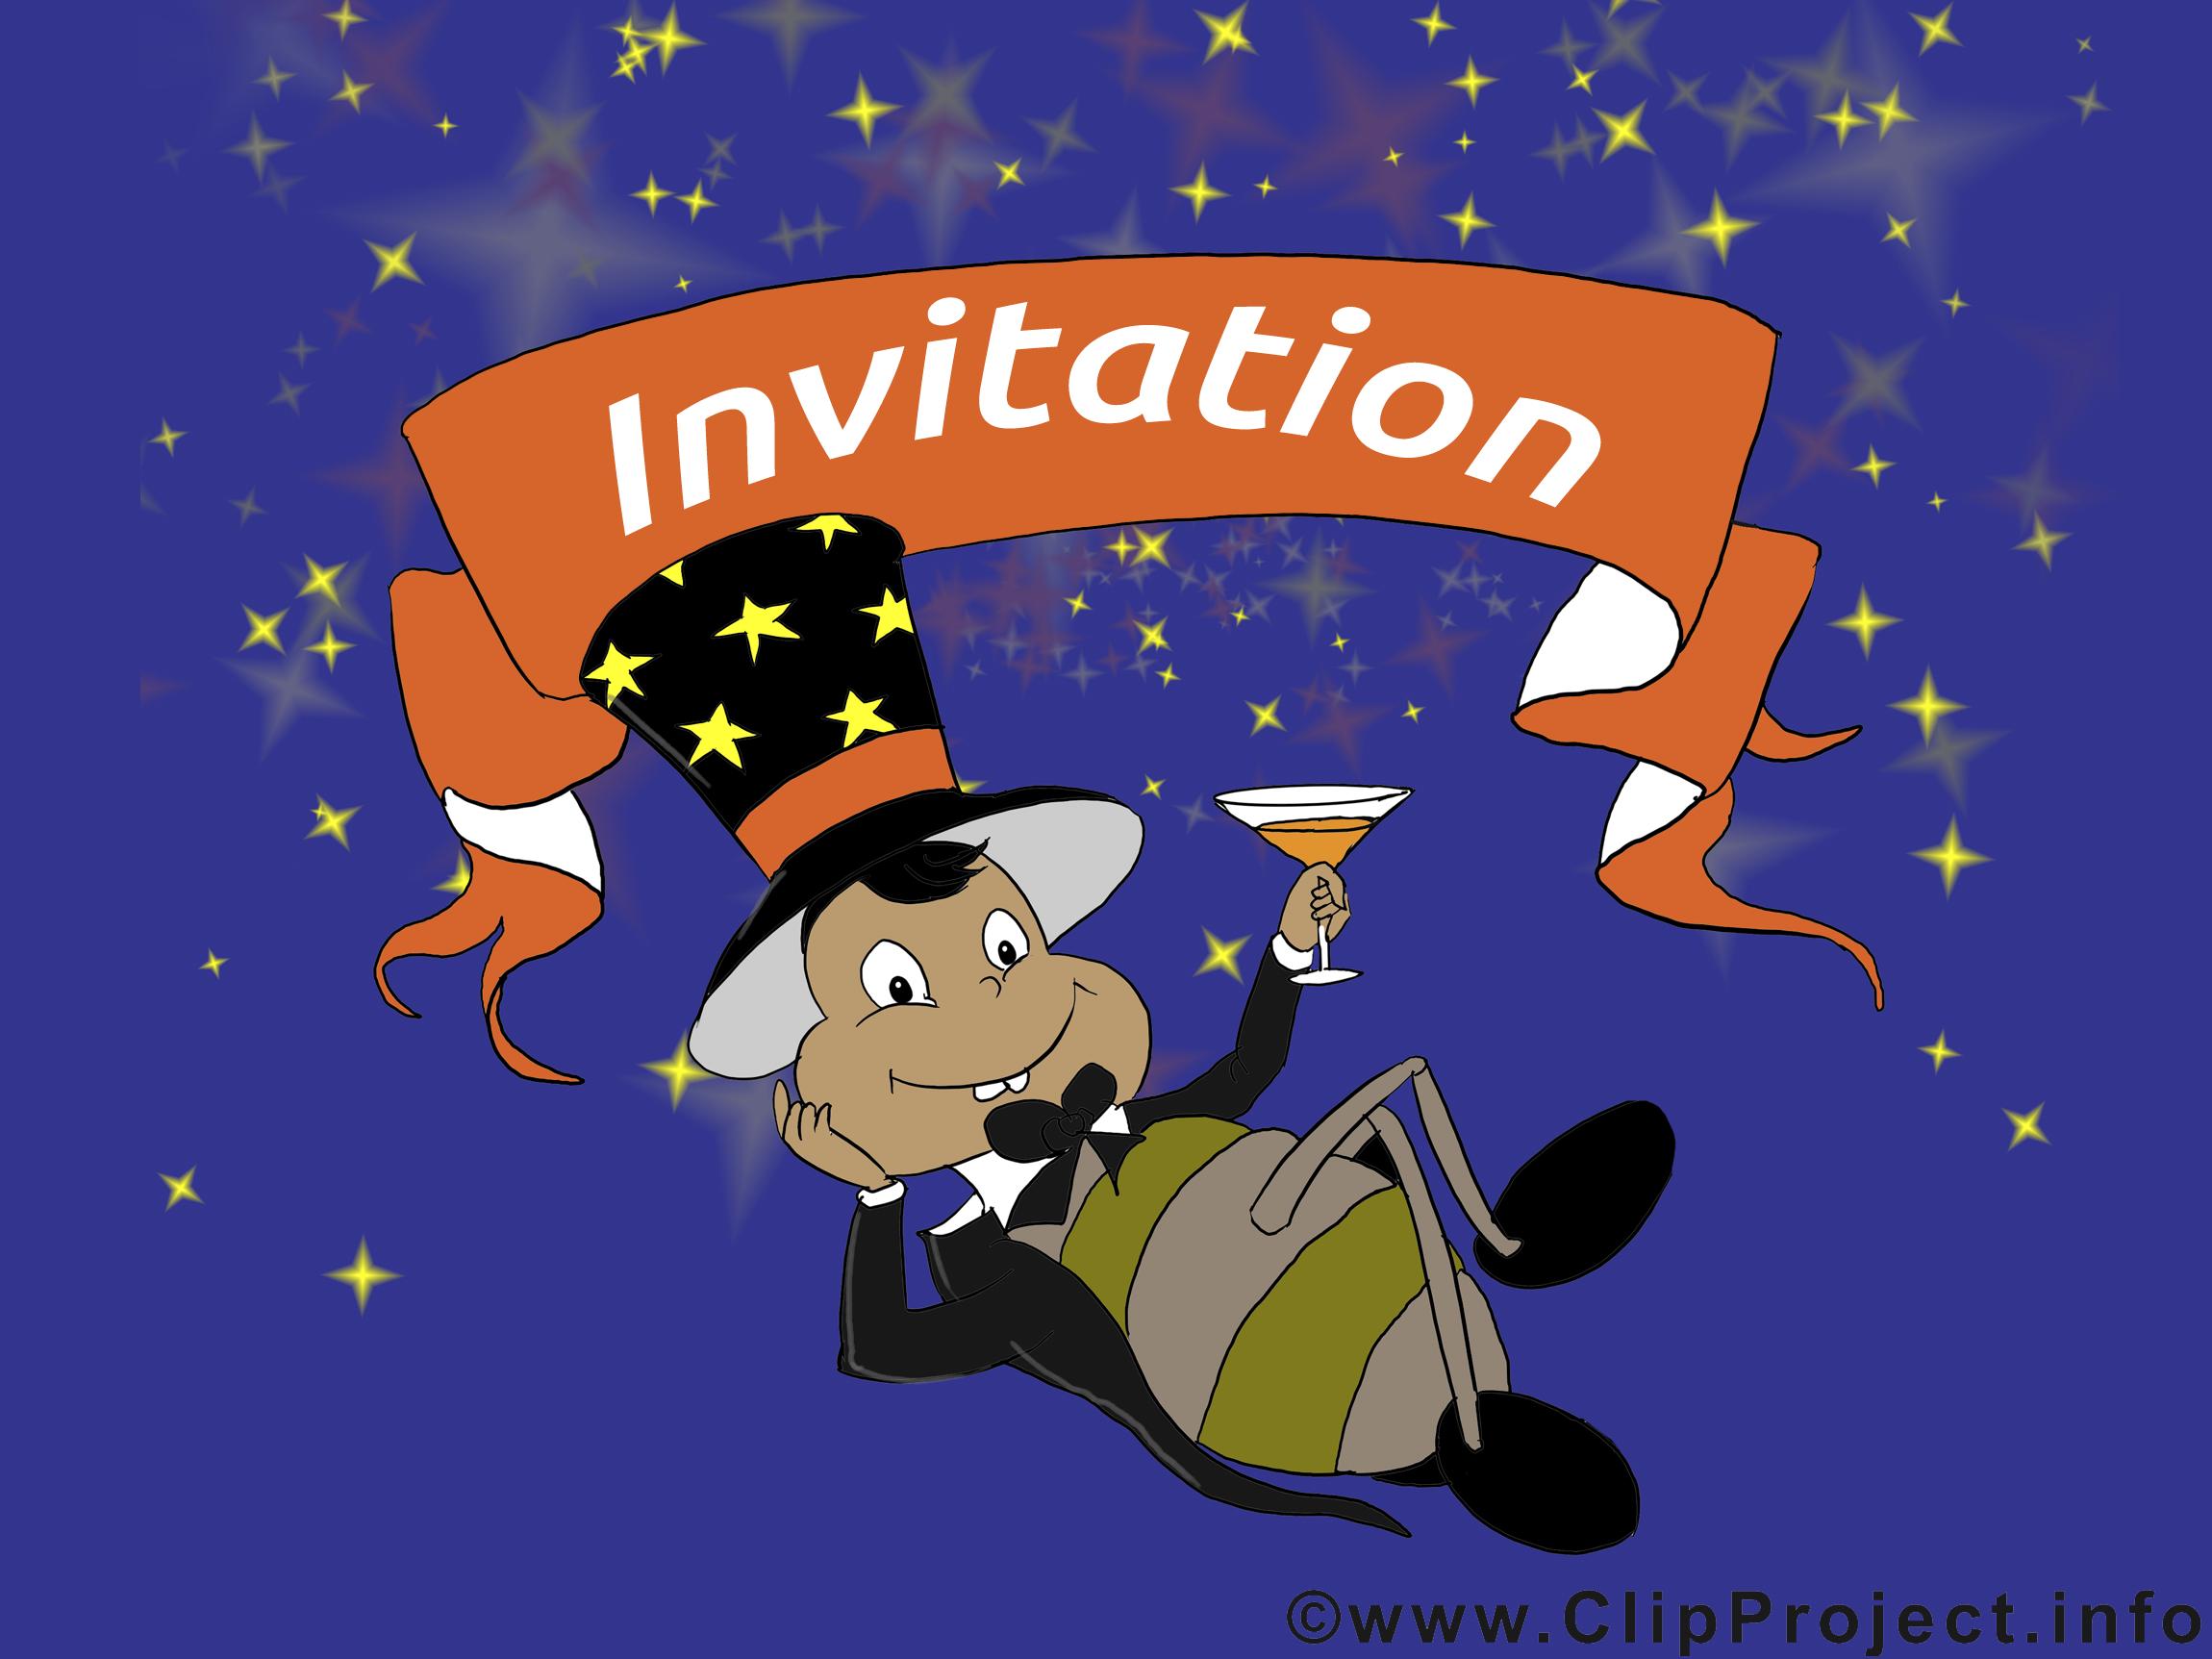 Scarabée image à télécharger - Invitation clipart